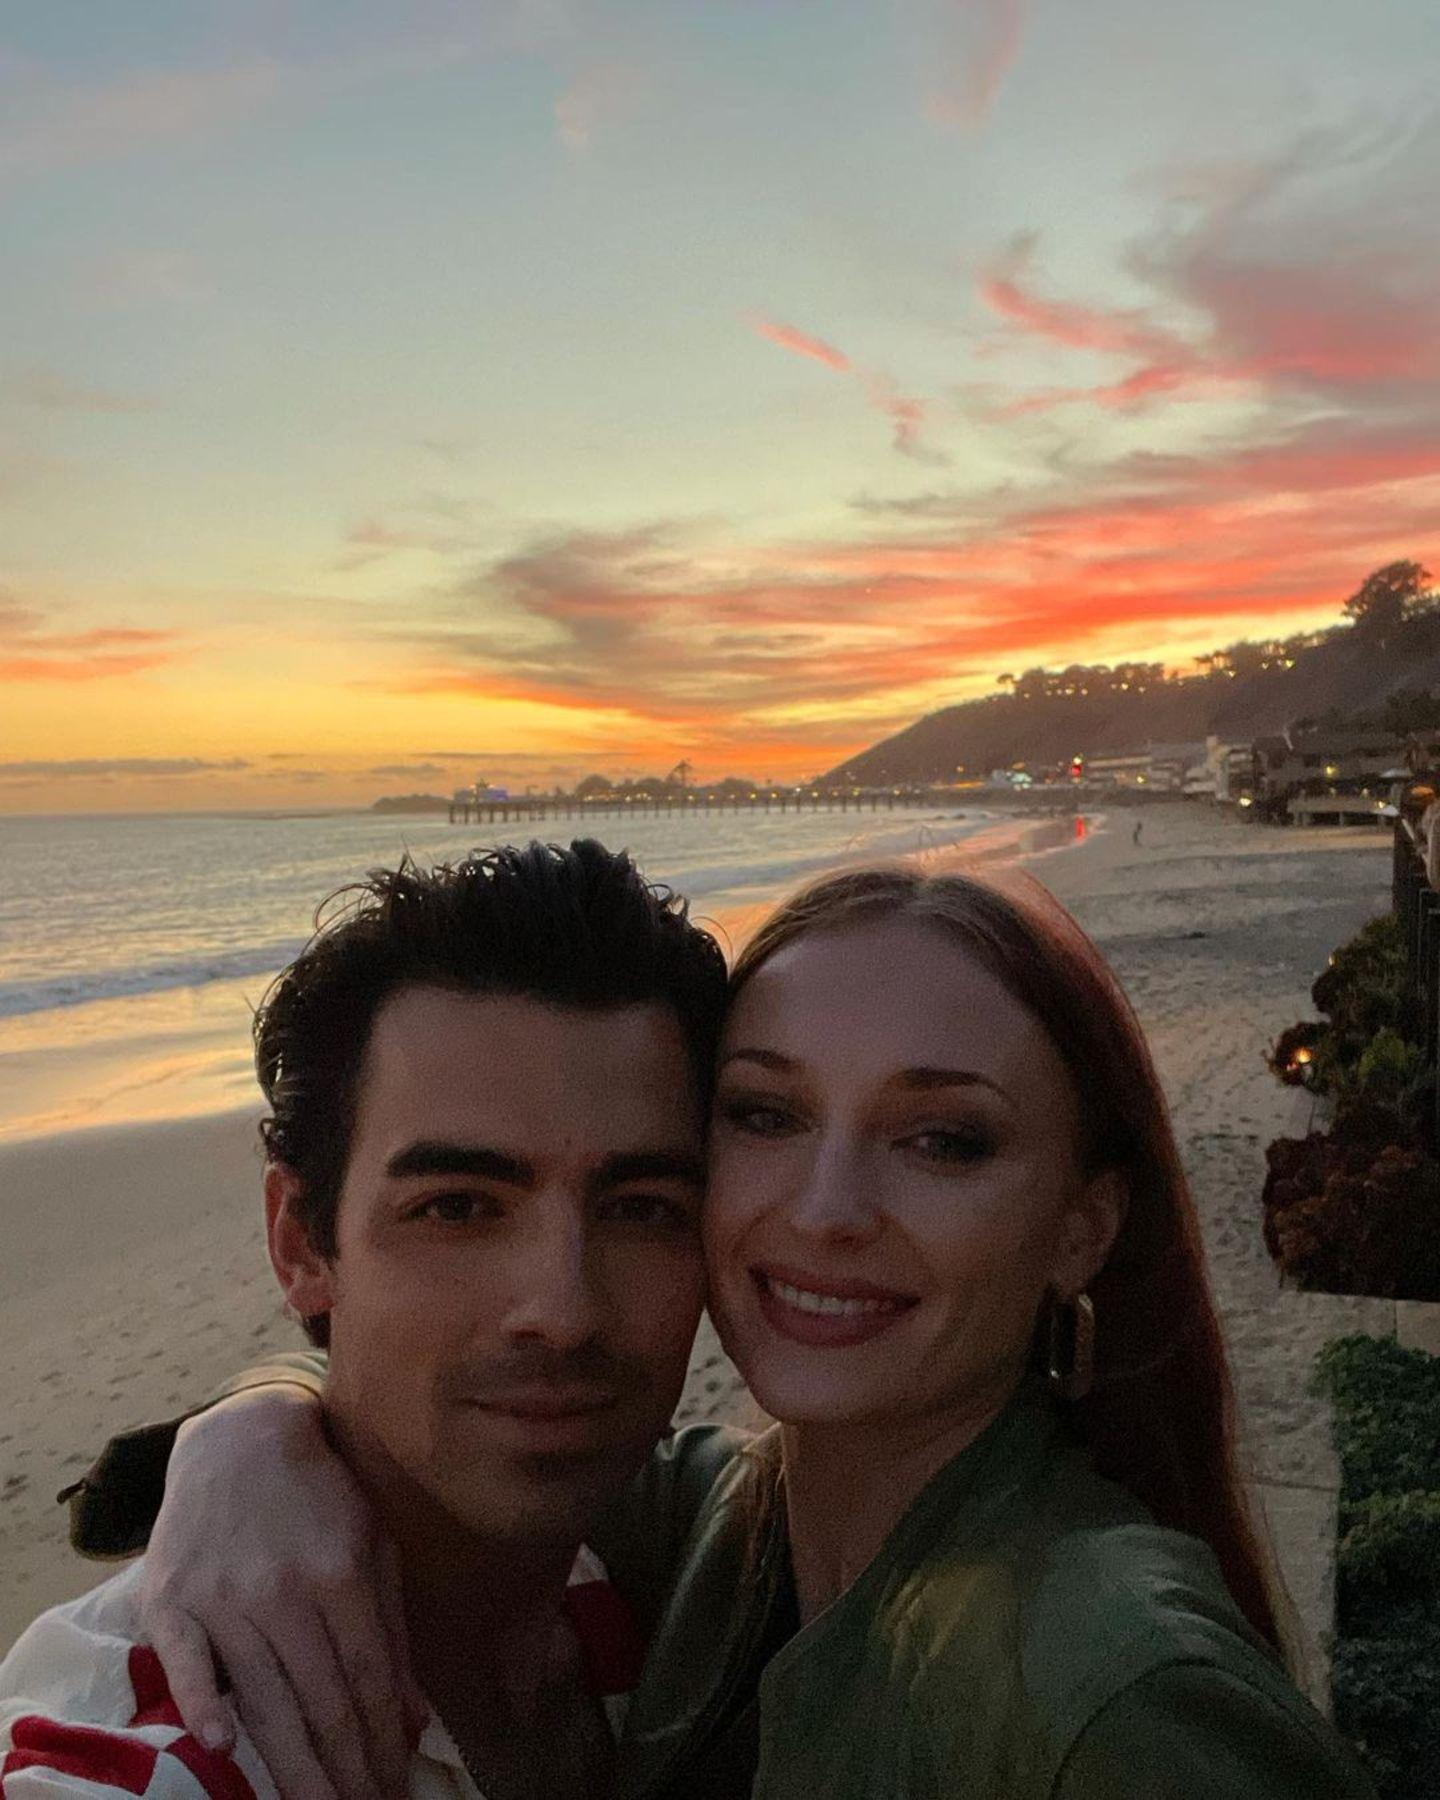 Ganz zur Freude seiner Fans postet Joe Jonas endlich mal wieder ein romantisches Selfie mit seiner Liebsten am Strand. Sophie Turner umarmt Joe vor einem wunderschönen rosa-roten Sonnenuntergang und lächelt glücklich in die Kamera. Den traumhaften Strand scheinen die beiden an diesem Abend ganz für sich allein zu haben, herrlich.